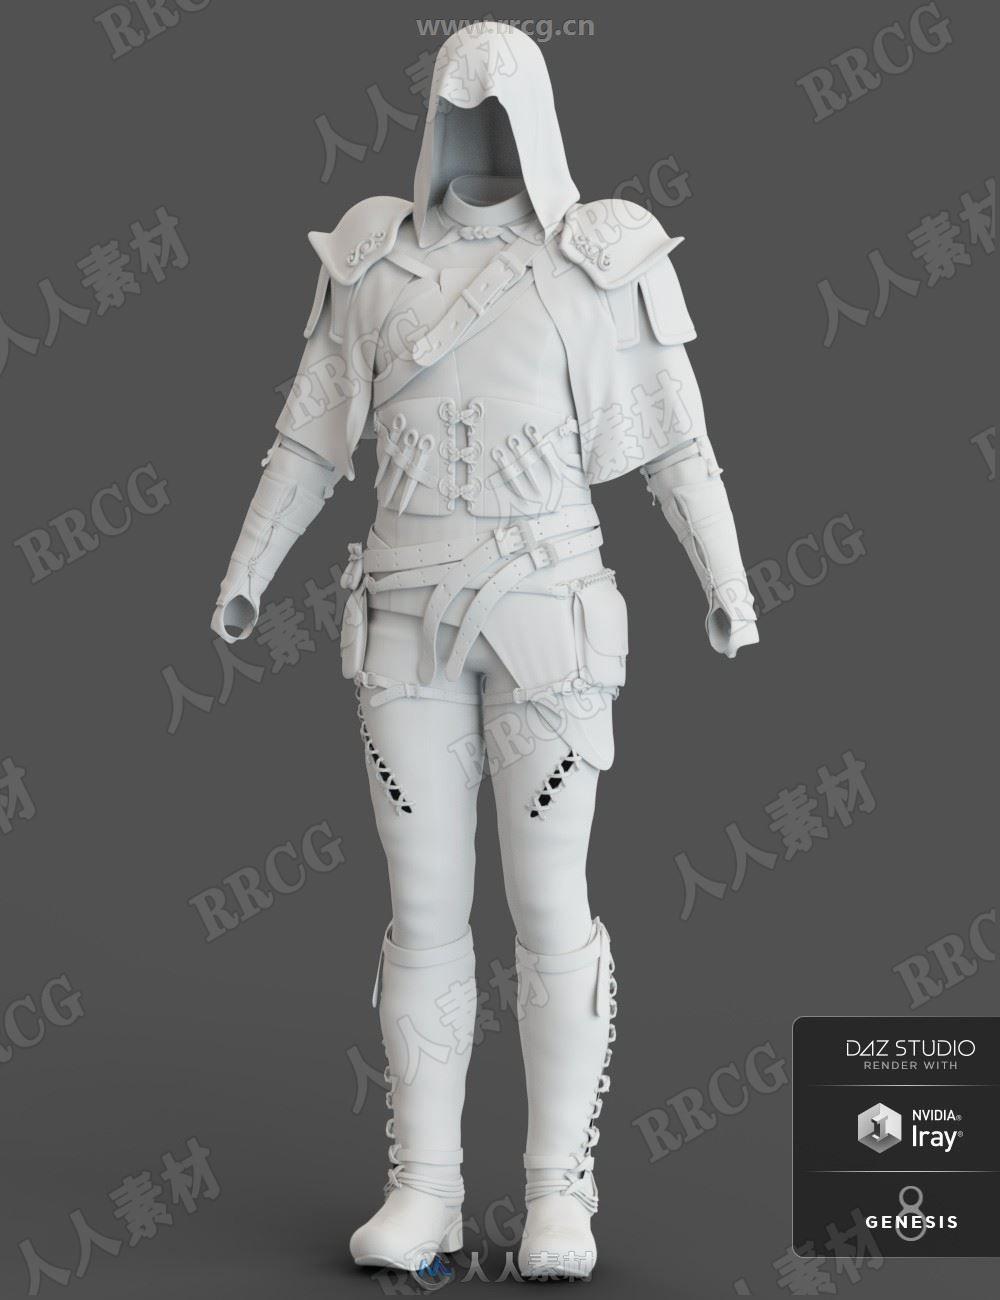 秘密组织乌鸦公会刺客服装3D模型合集